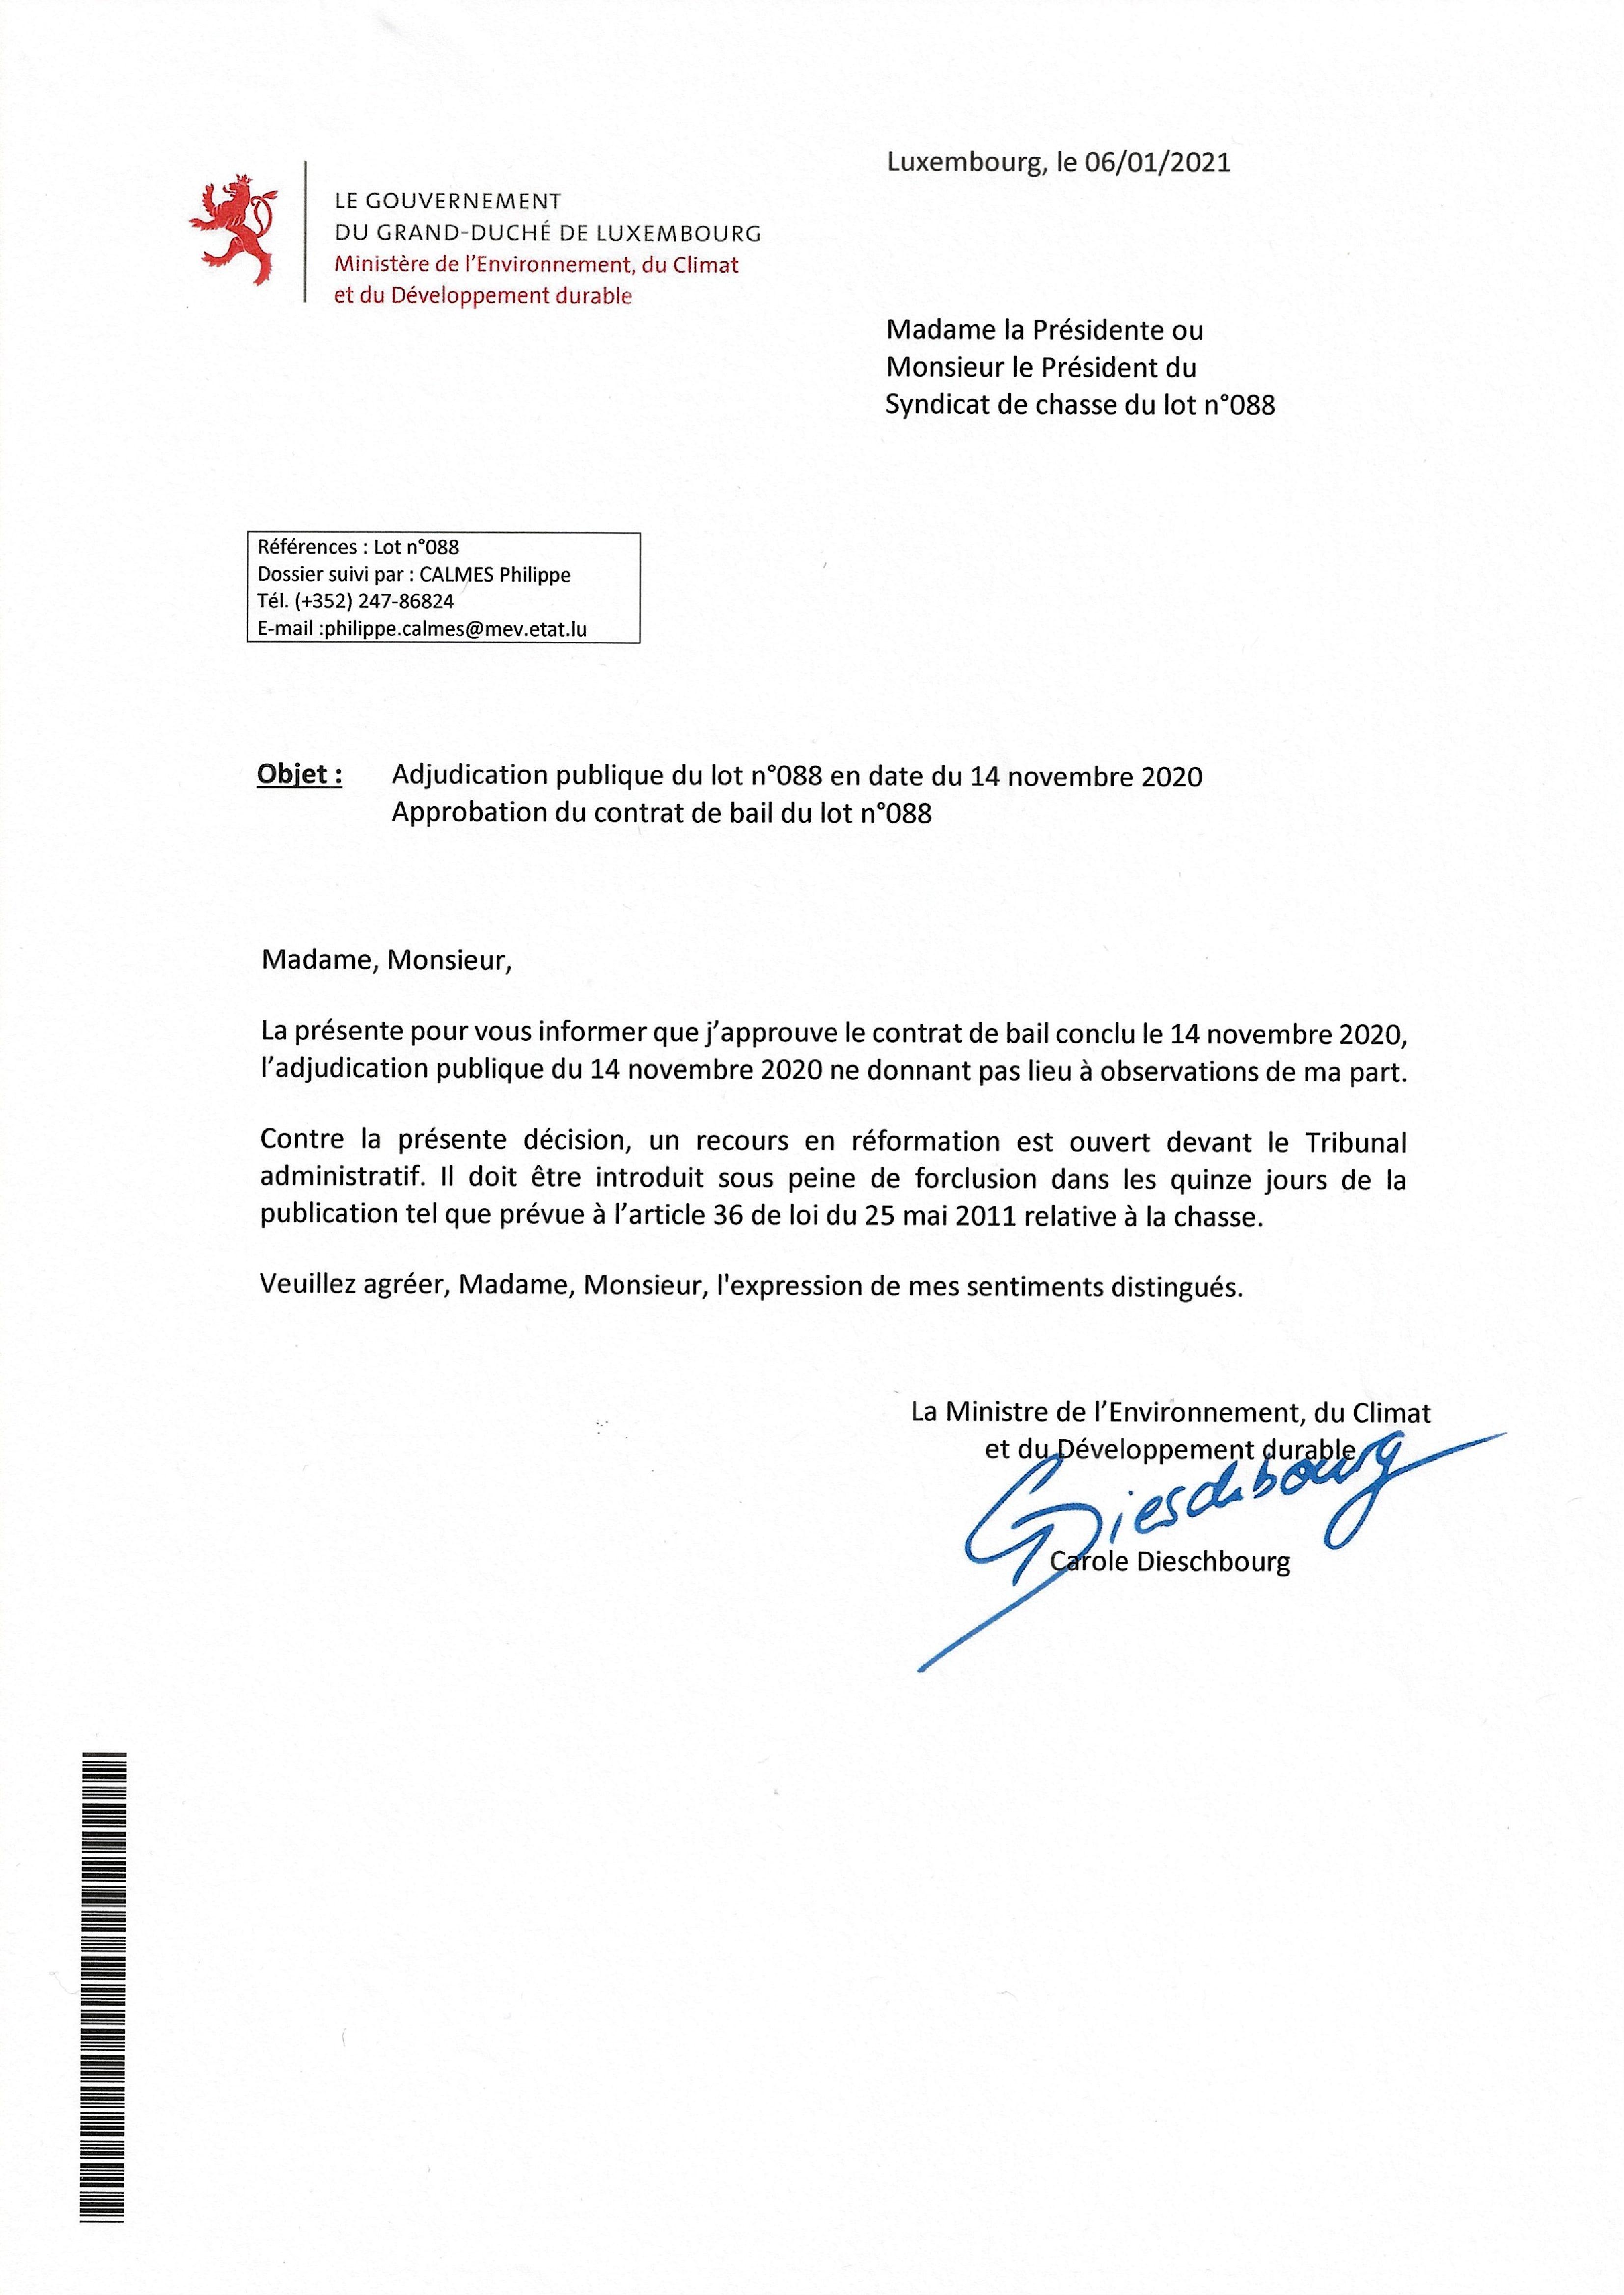 Approbation contrat de bail lot n°088